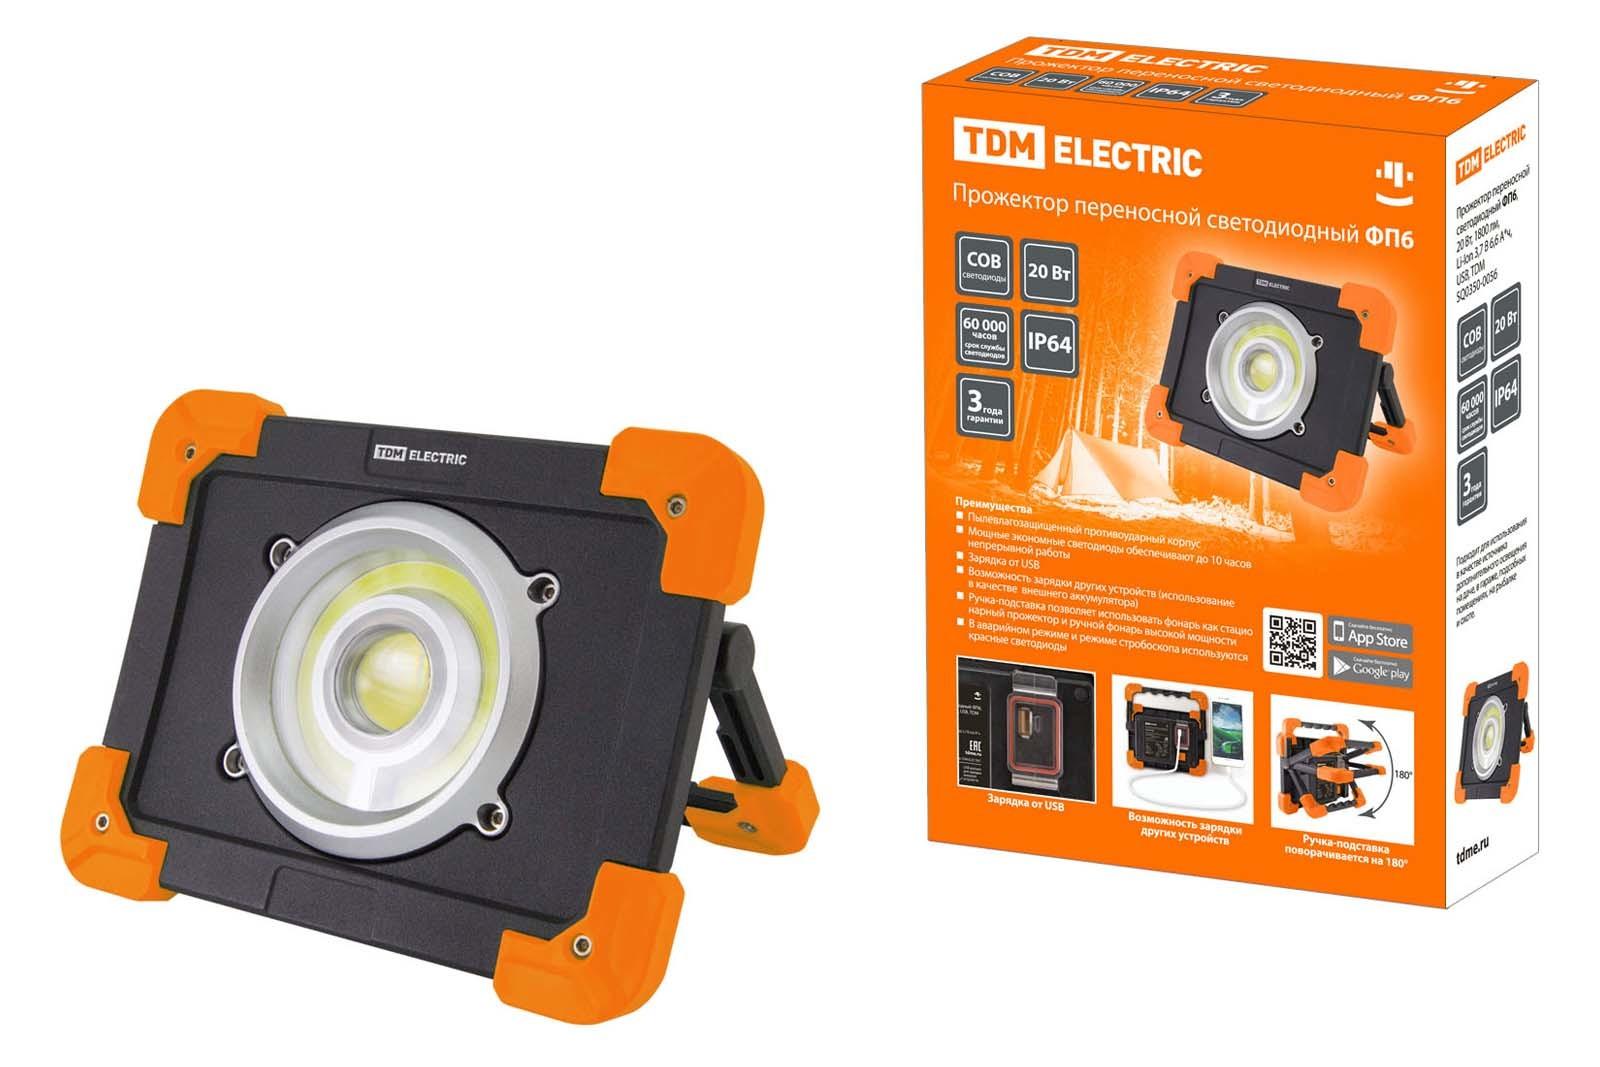 Прожектор переносной светодиодный ФП6, 20 Вт, 1800 лм, Li-Ion 3,7 B 6,6 A*ч, USB, TDM